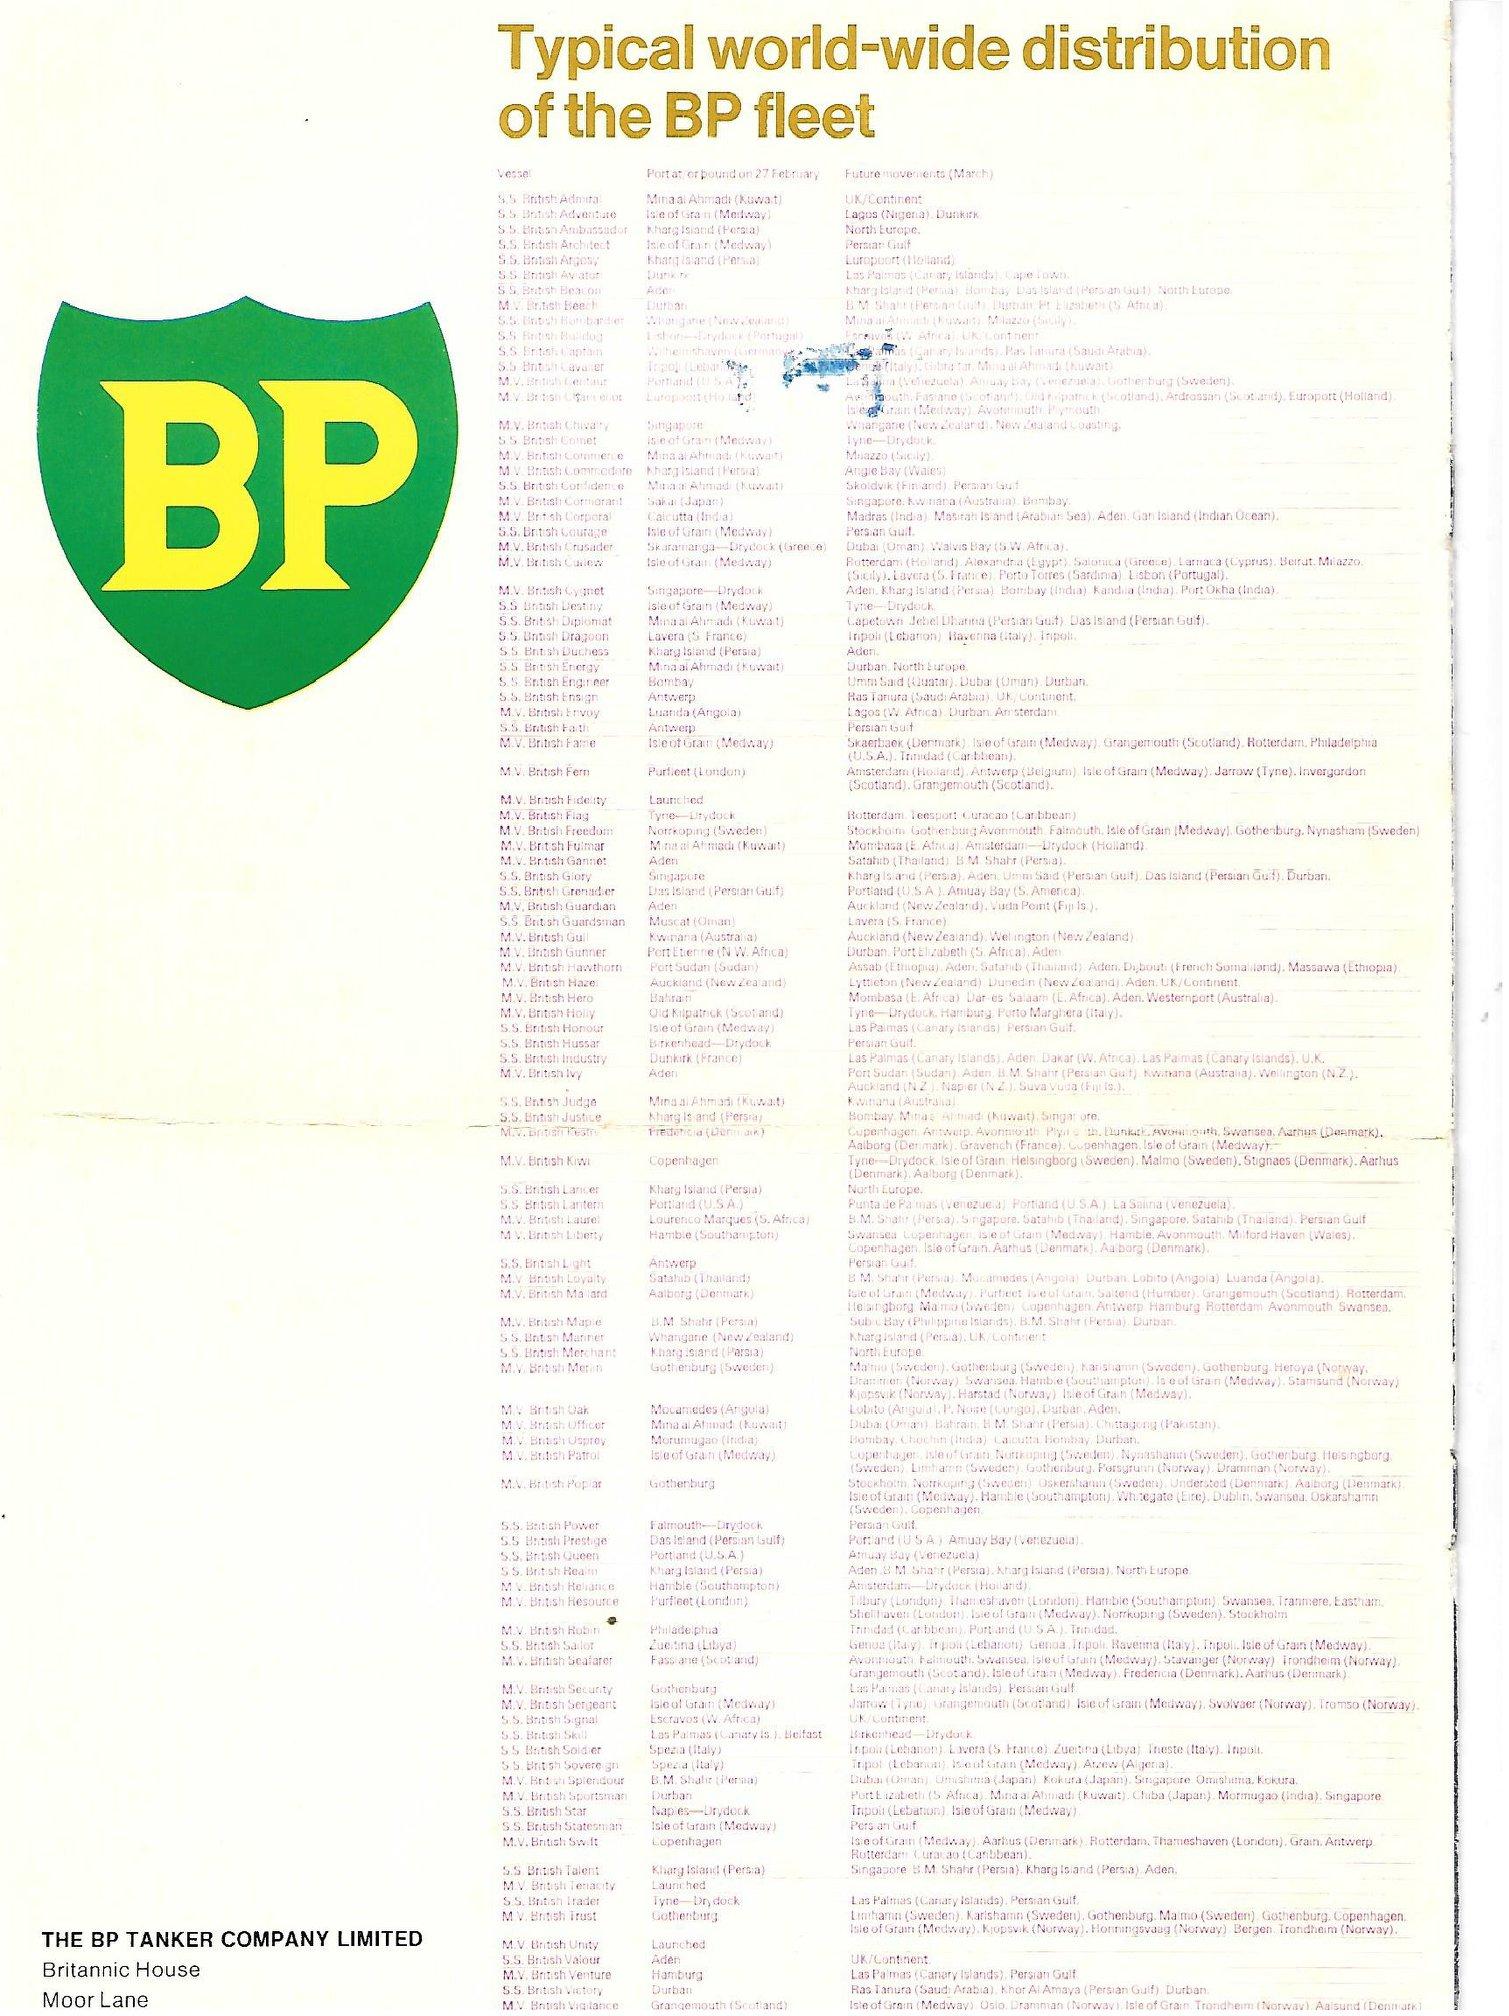 4C635933-BCB3-4970-B75E-406BE97EB183.jpeg